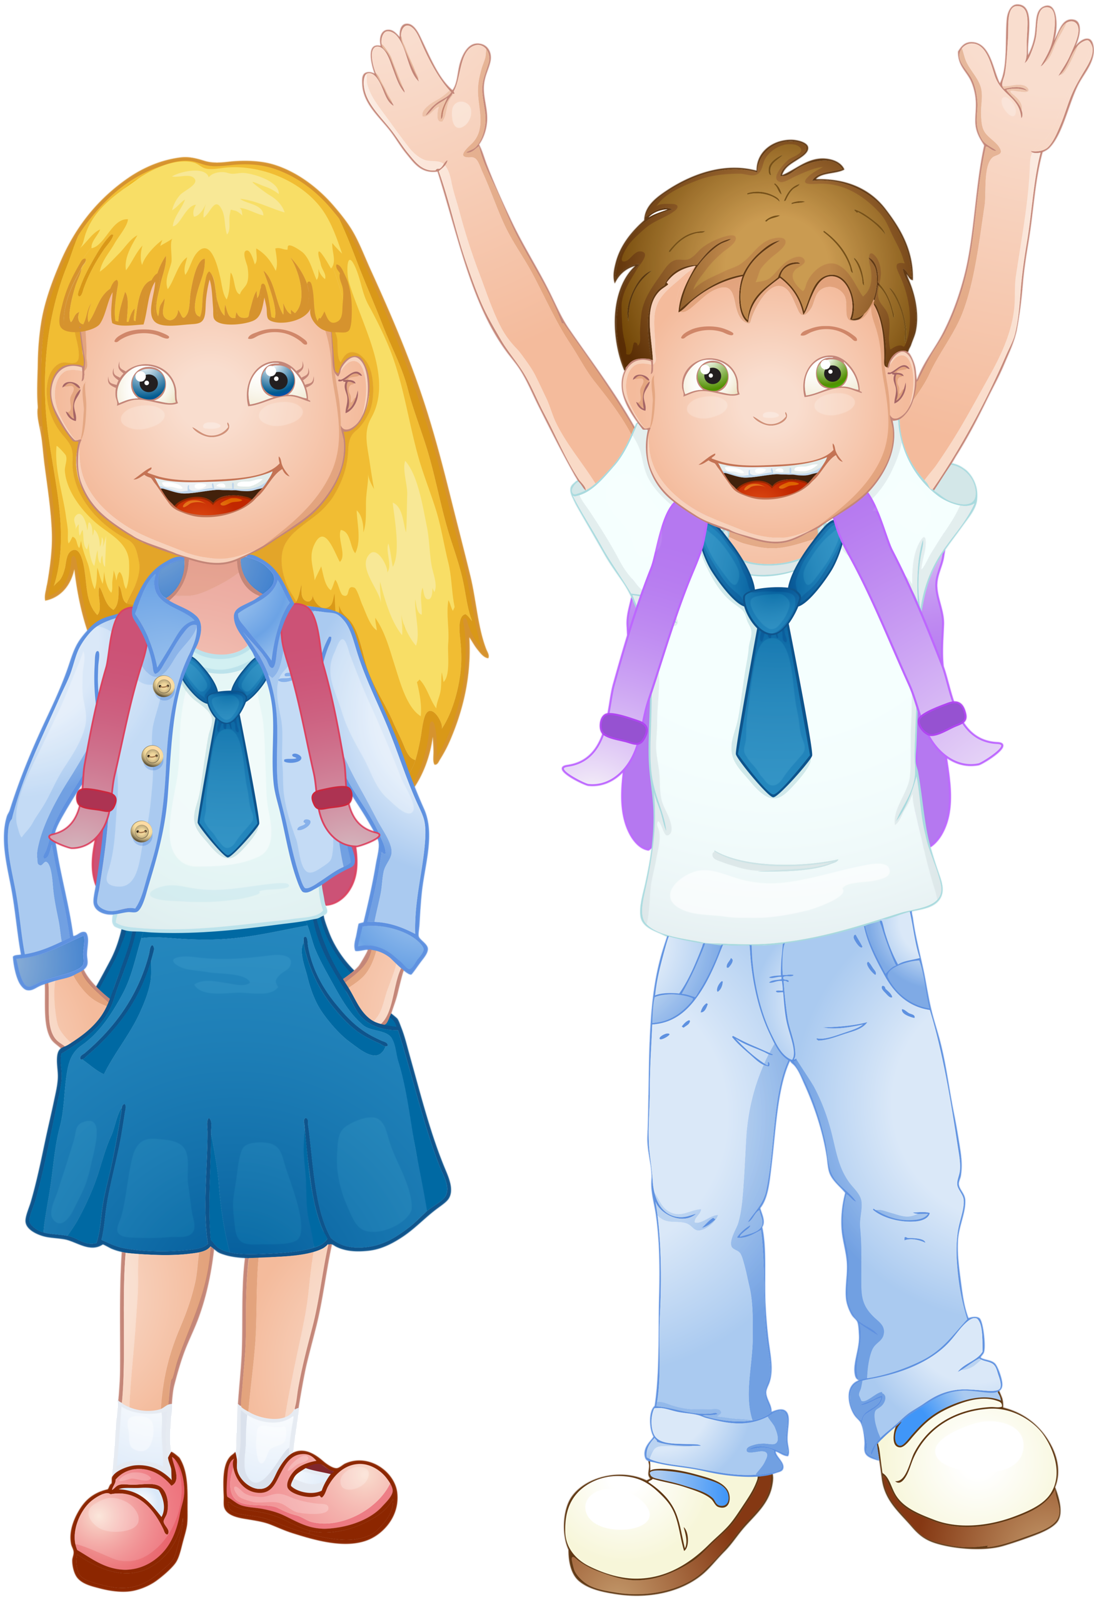 Картинки школьной формы рисованные